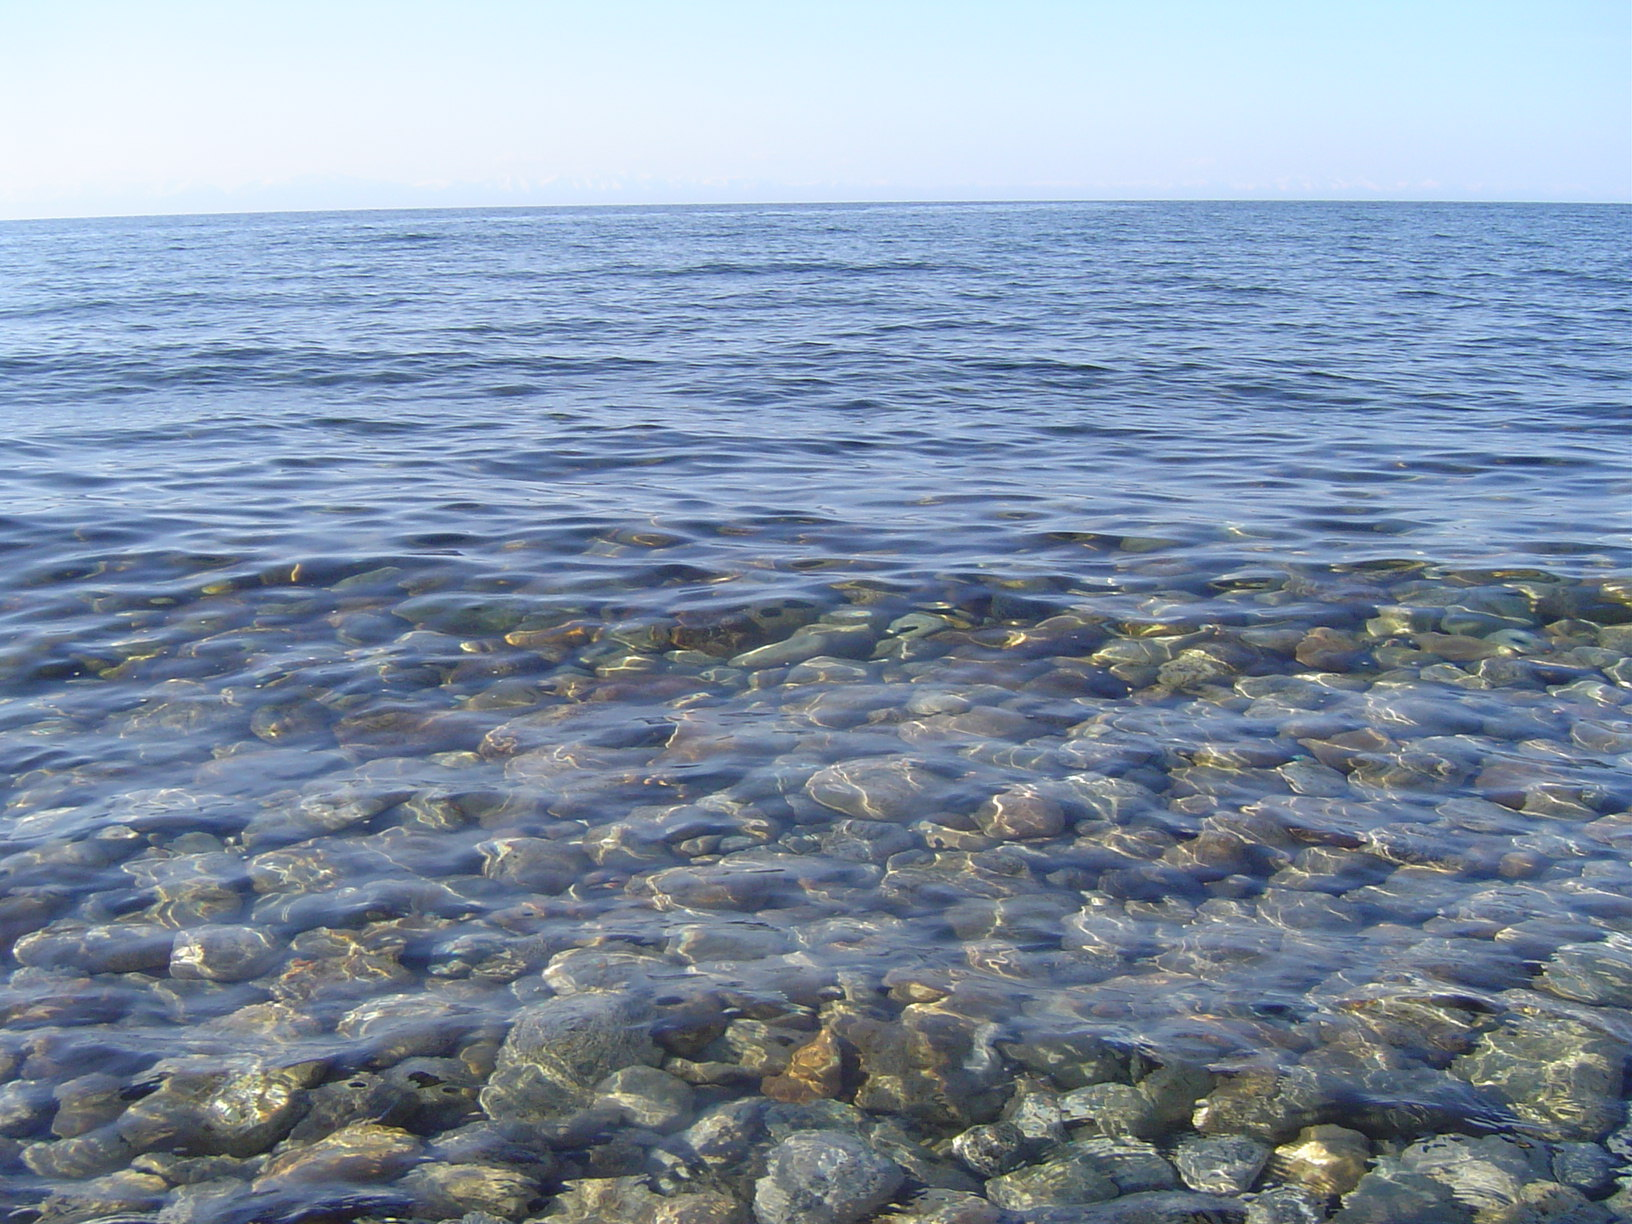 Озеро Селигер  вид сверху  ostashkovru